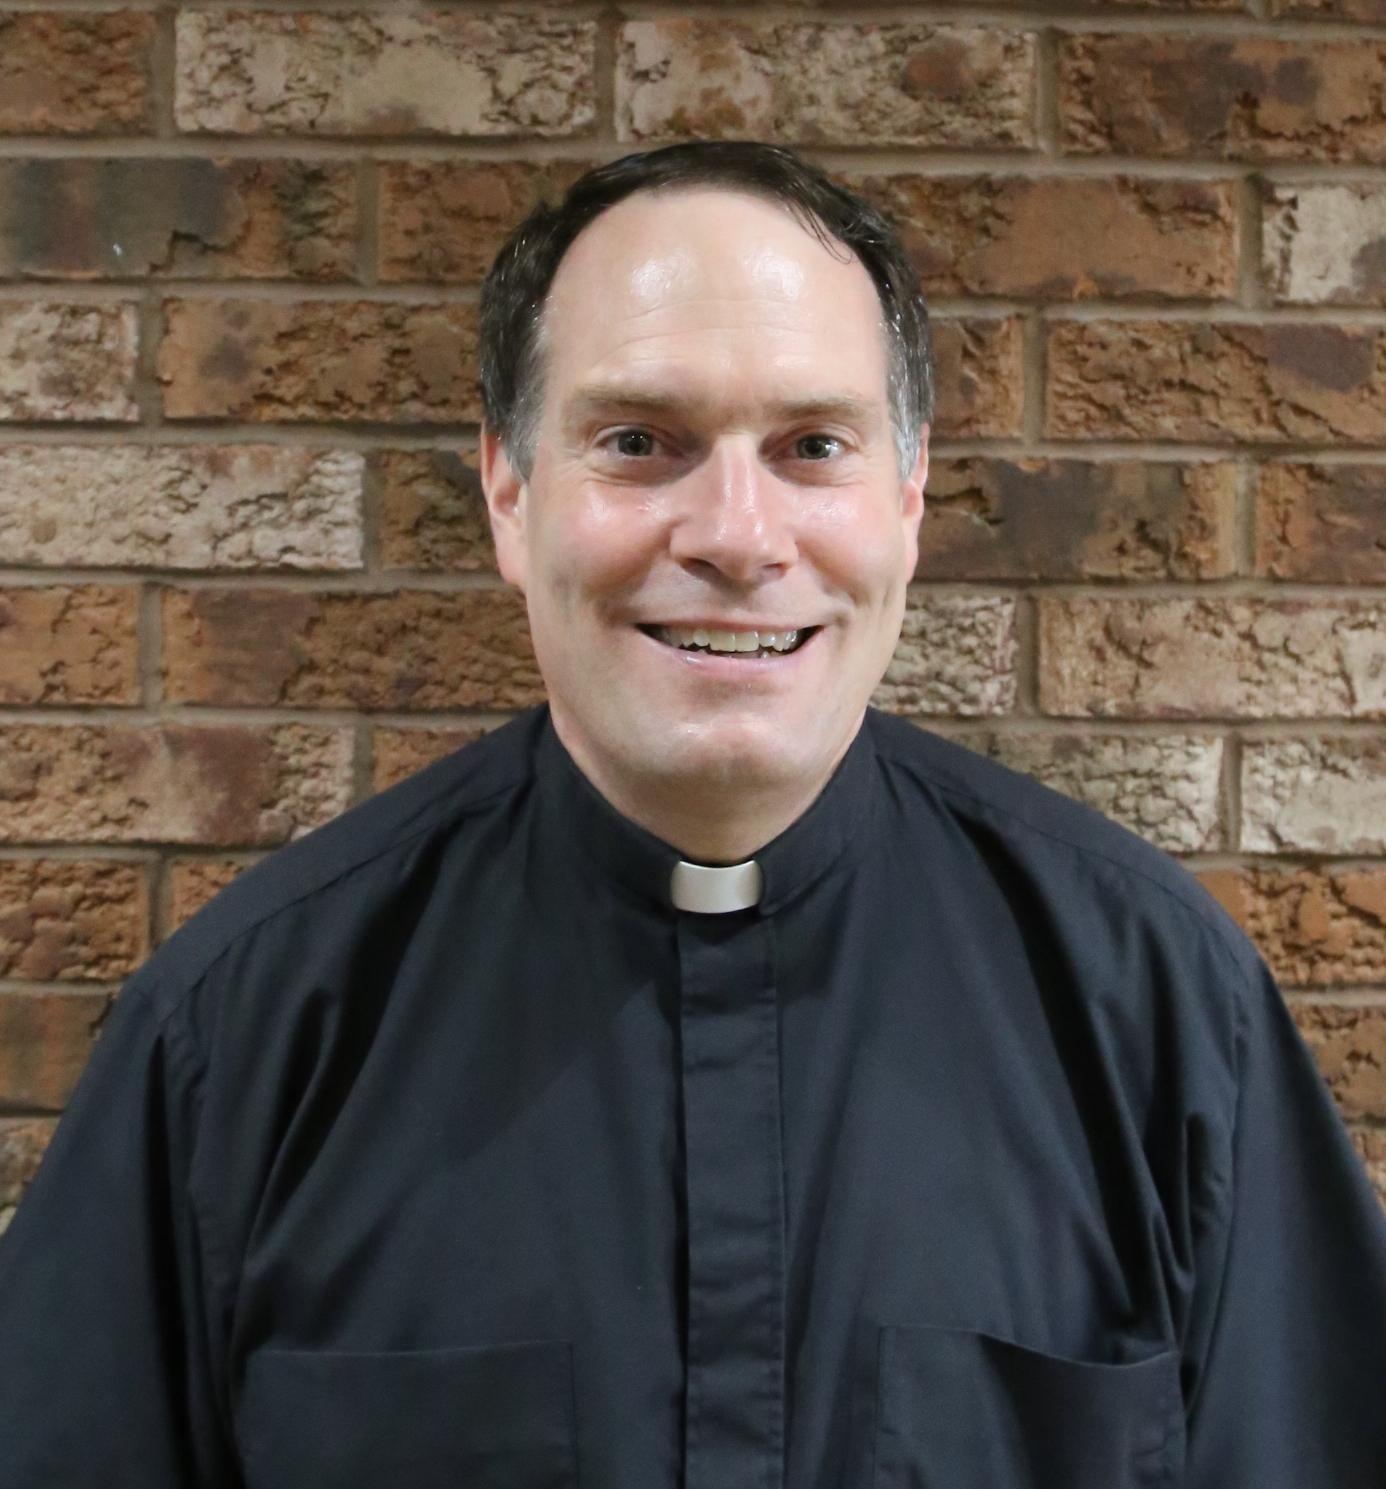 Our Pastor – Fr. Larry Parent